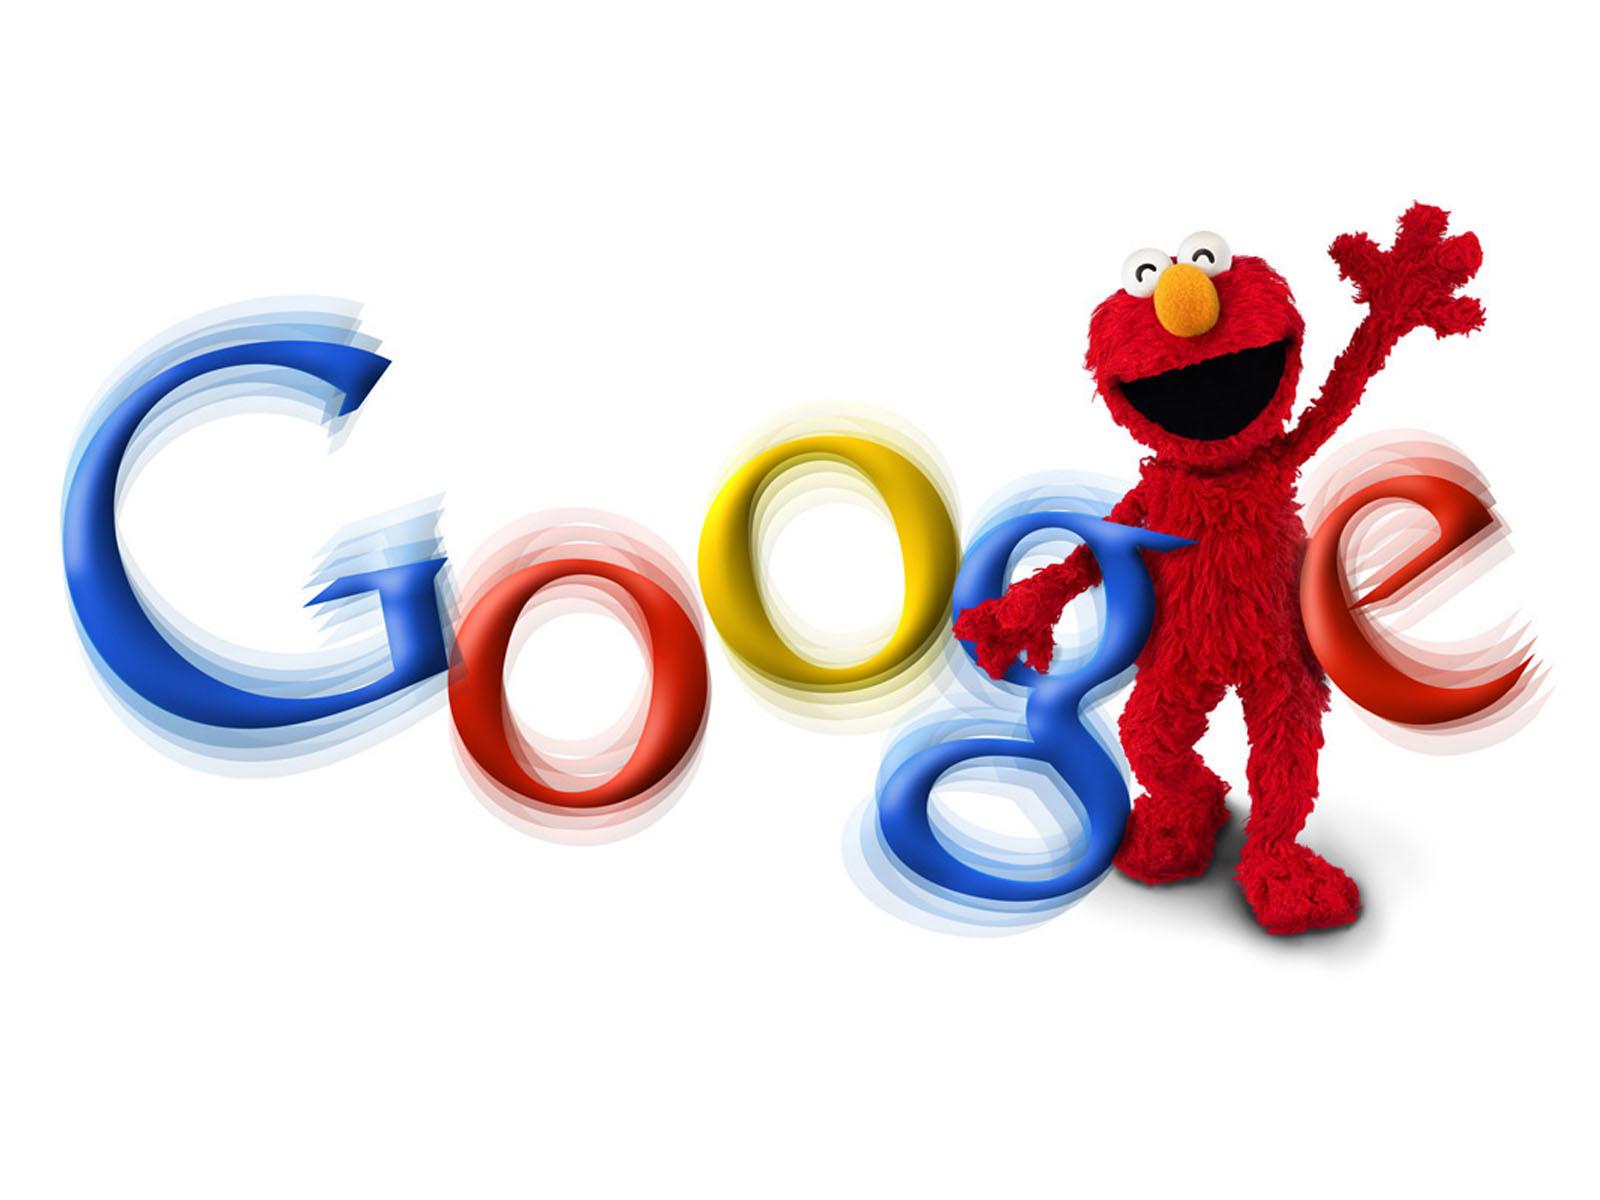 Free Google Wallpapers - Salon des Refusés